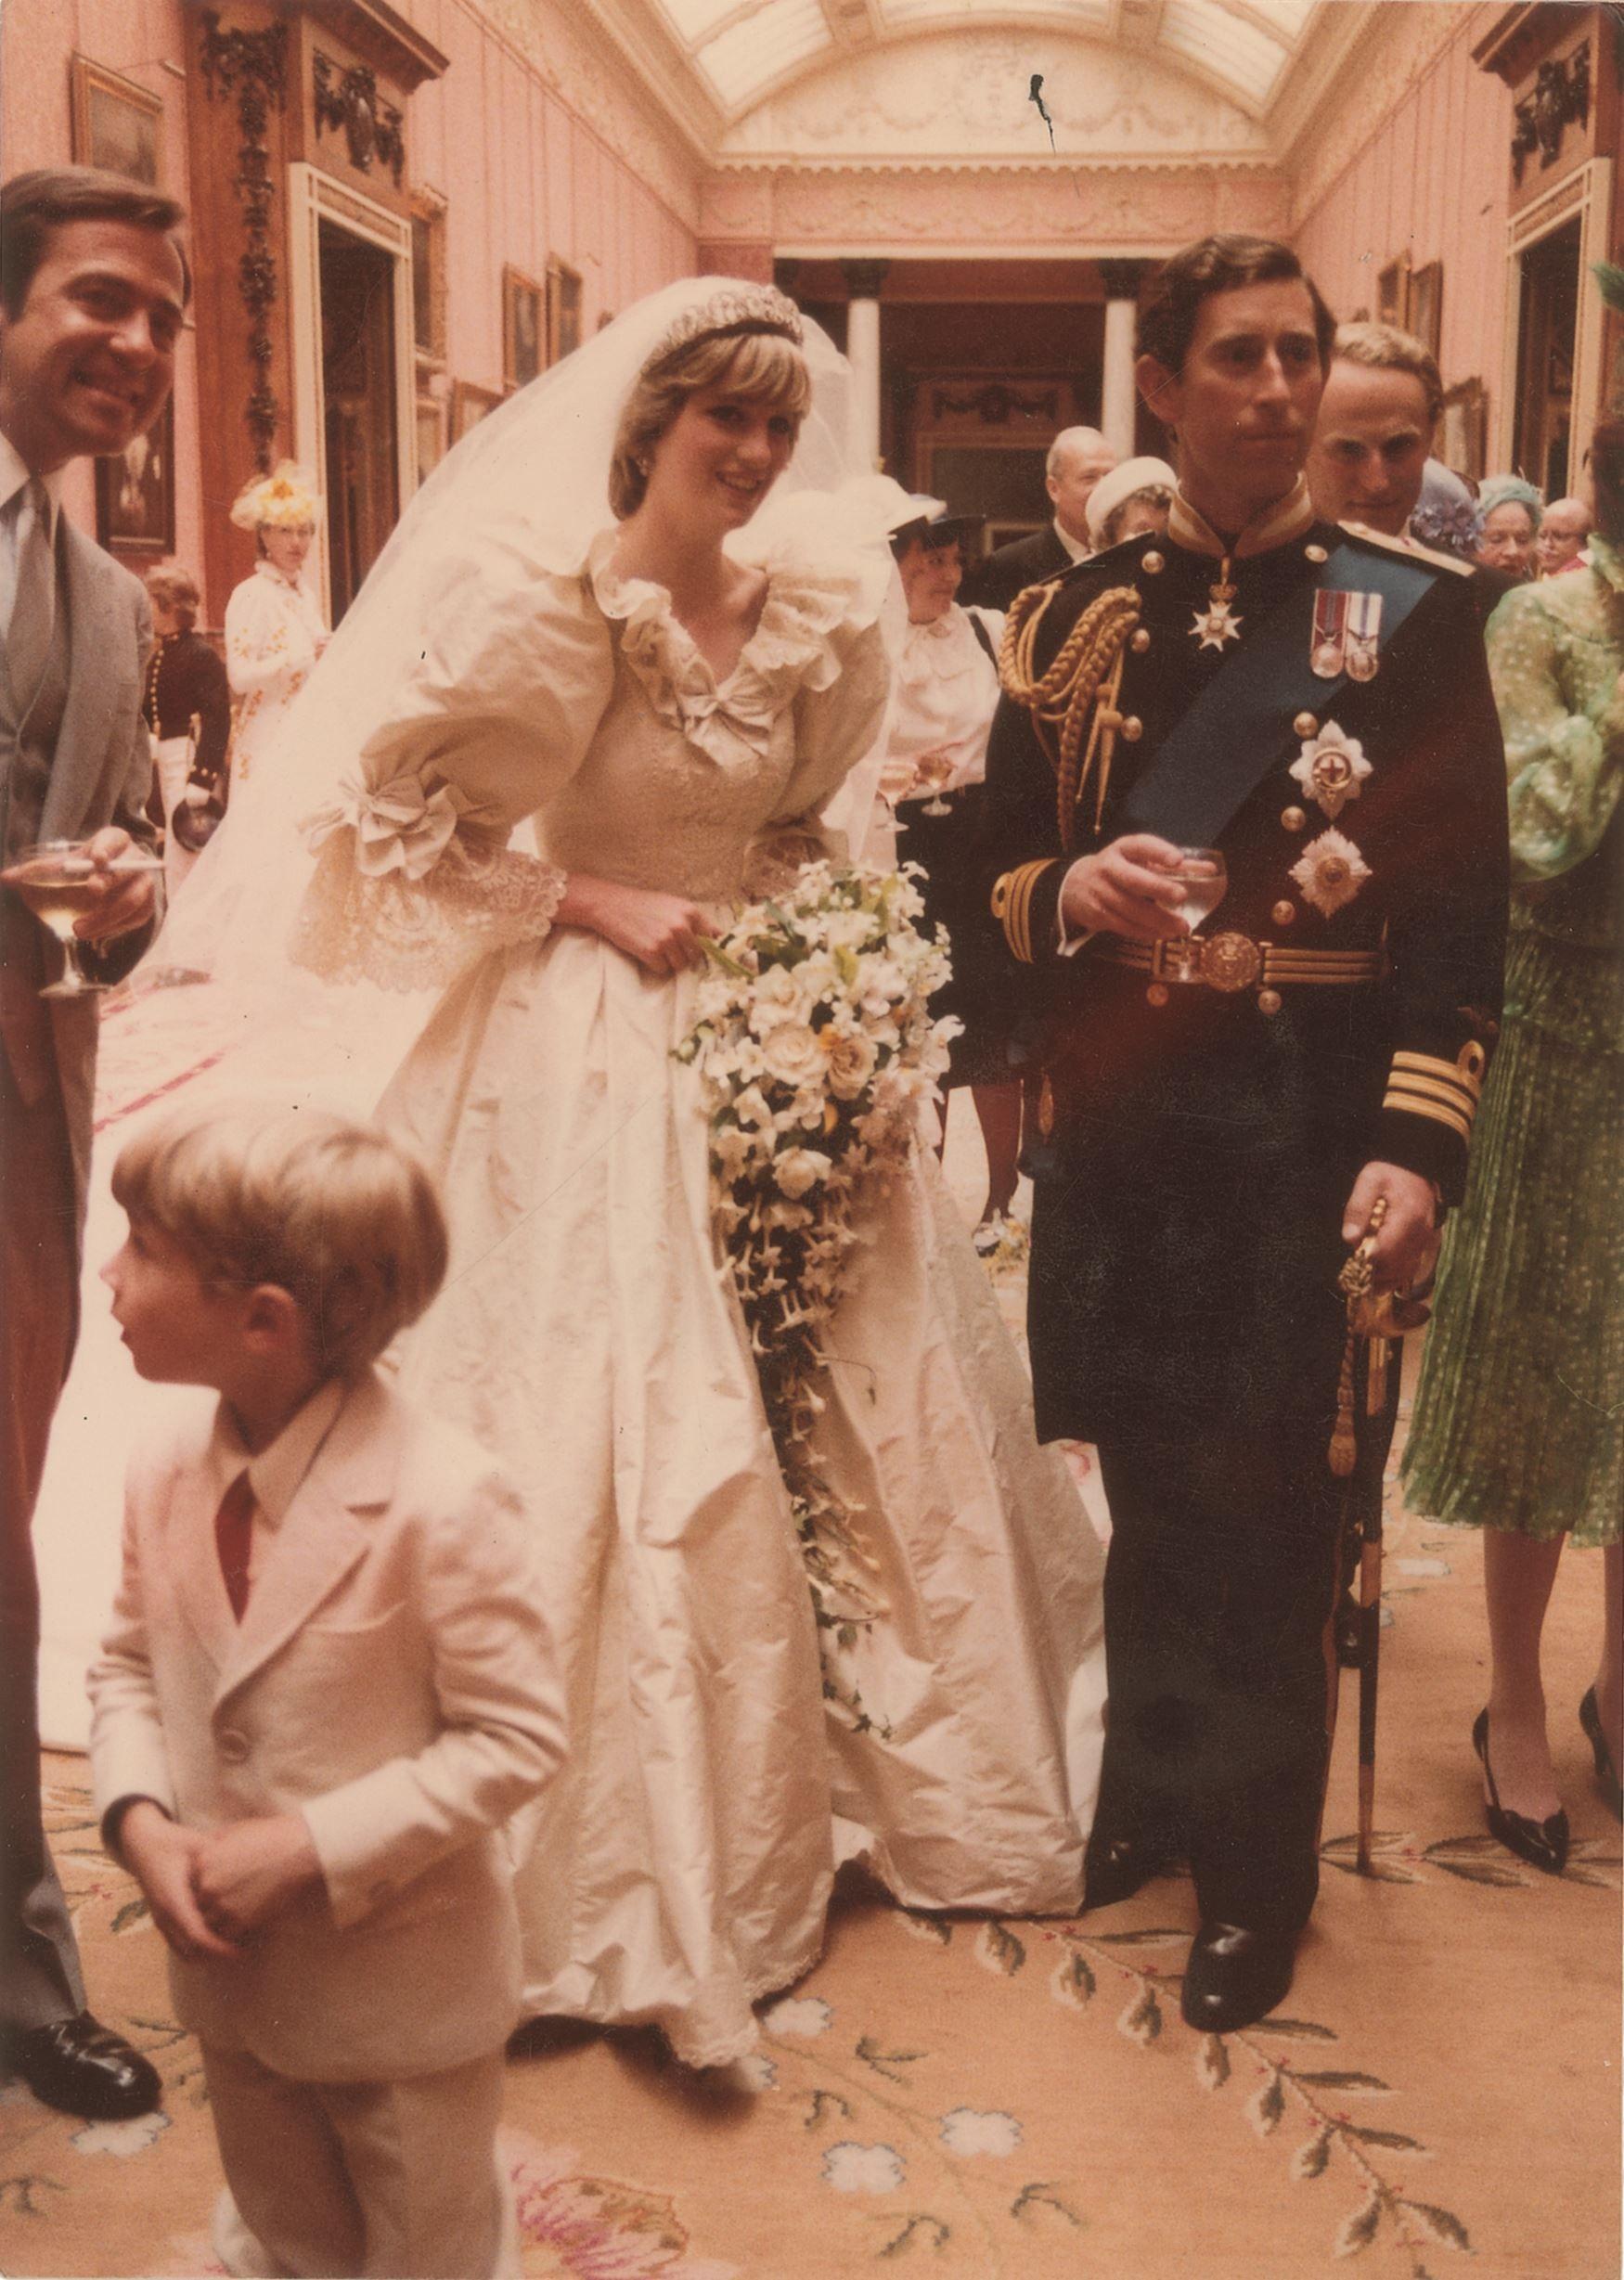 Imagens raras do casamento de Charles e Diana vão a leilão  realeza